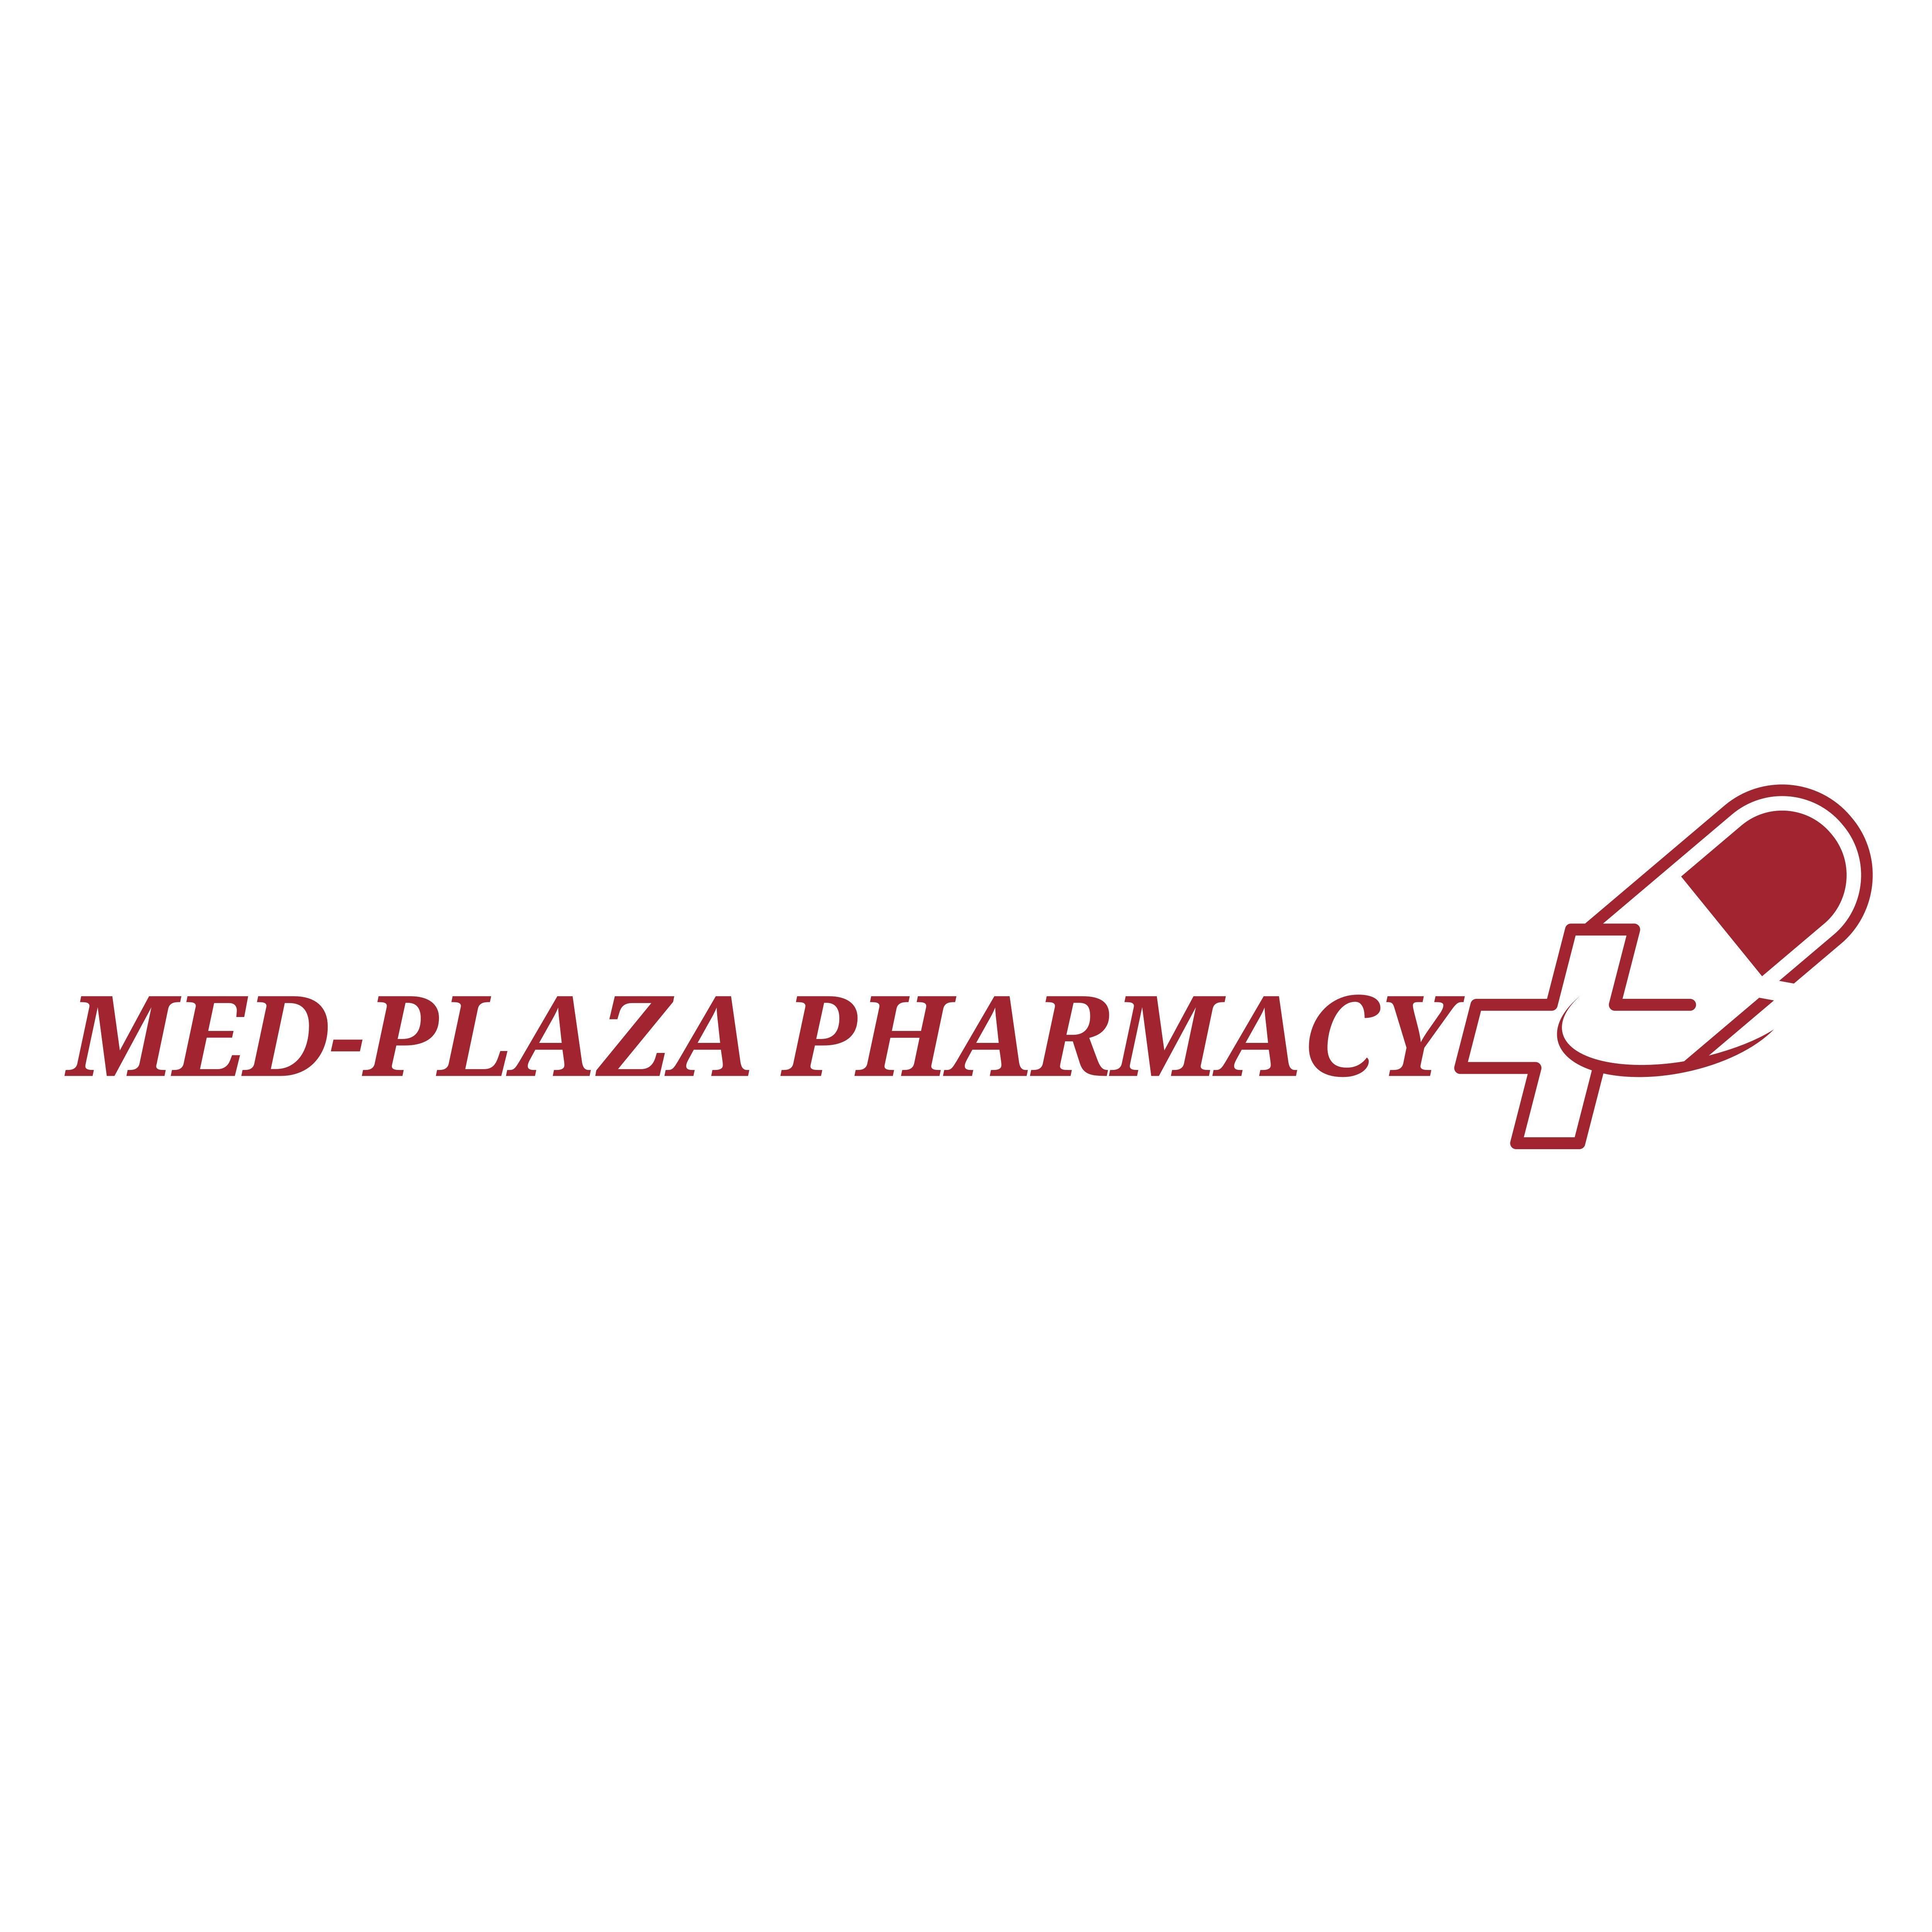 Med-Plaza pharmacy